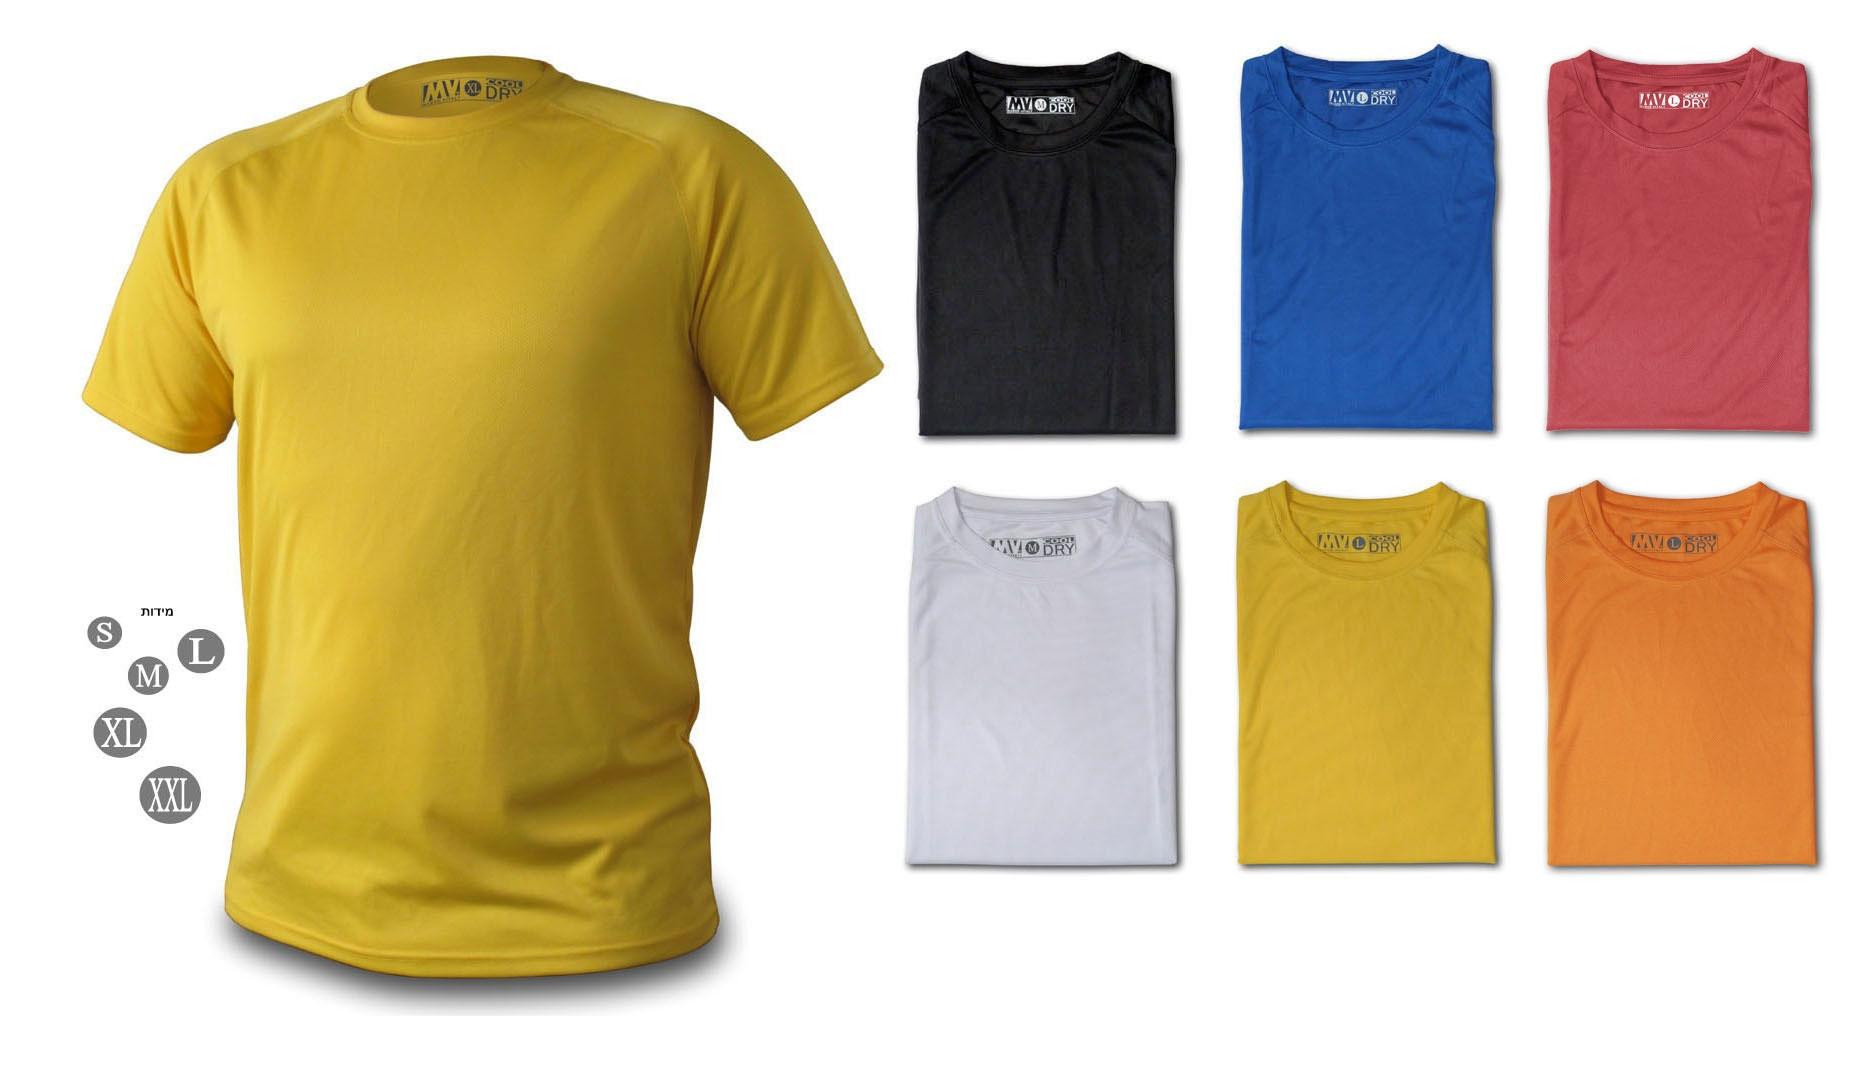 חולצות דרייפיט | טריקו